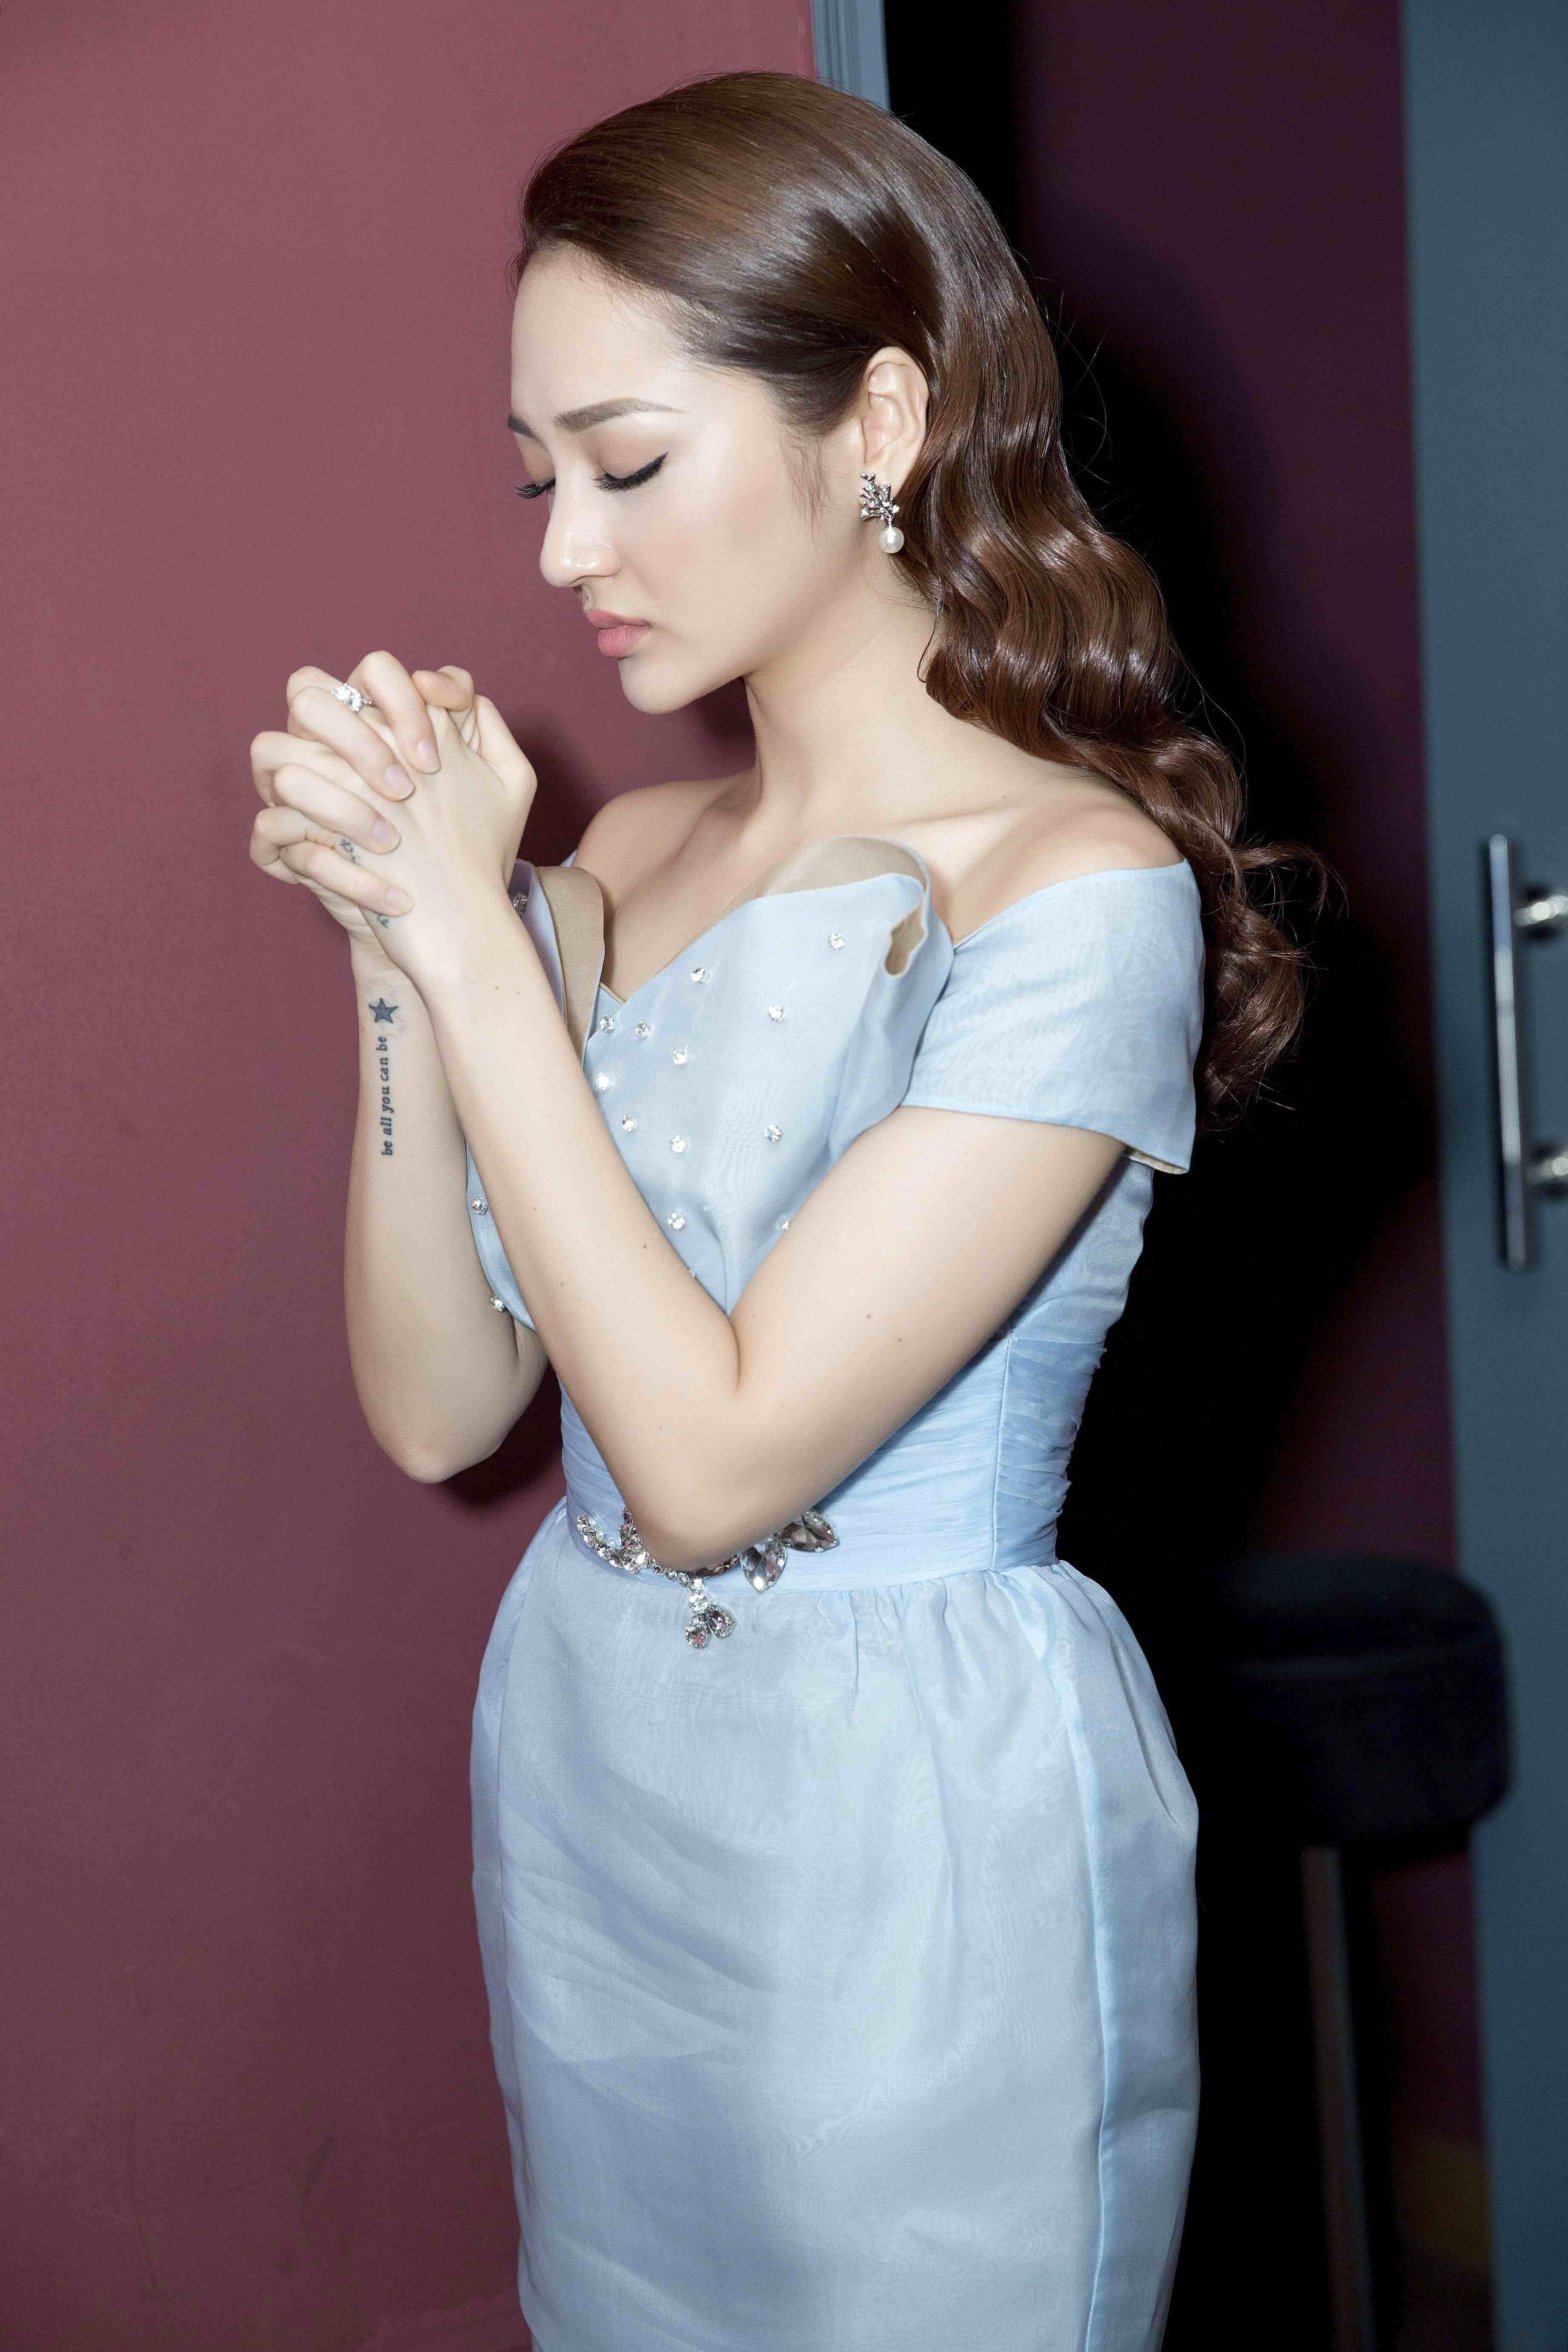 Sau khi công khai tình cảm, Bảo Anh - Hồ Quang Hiếu bị bắt gặp hẹn hò giữa khuya - Ảnh 7.